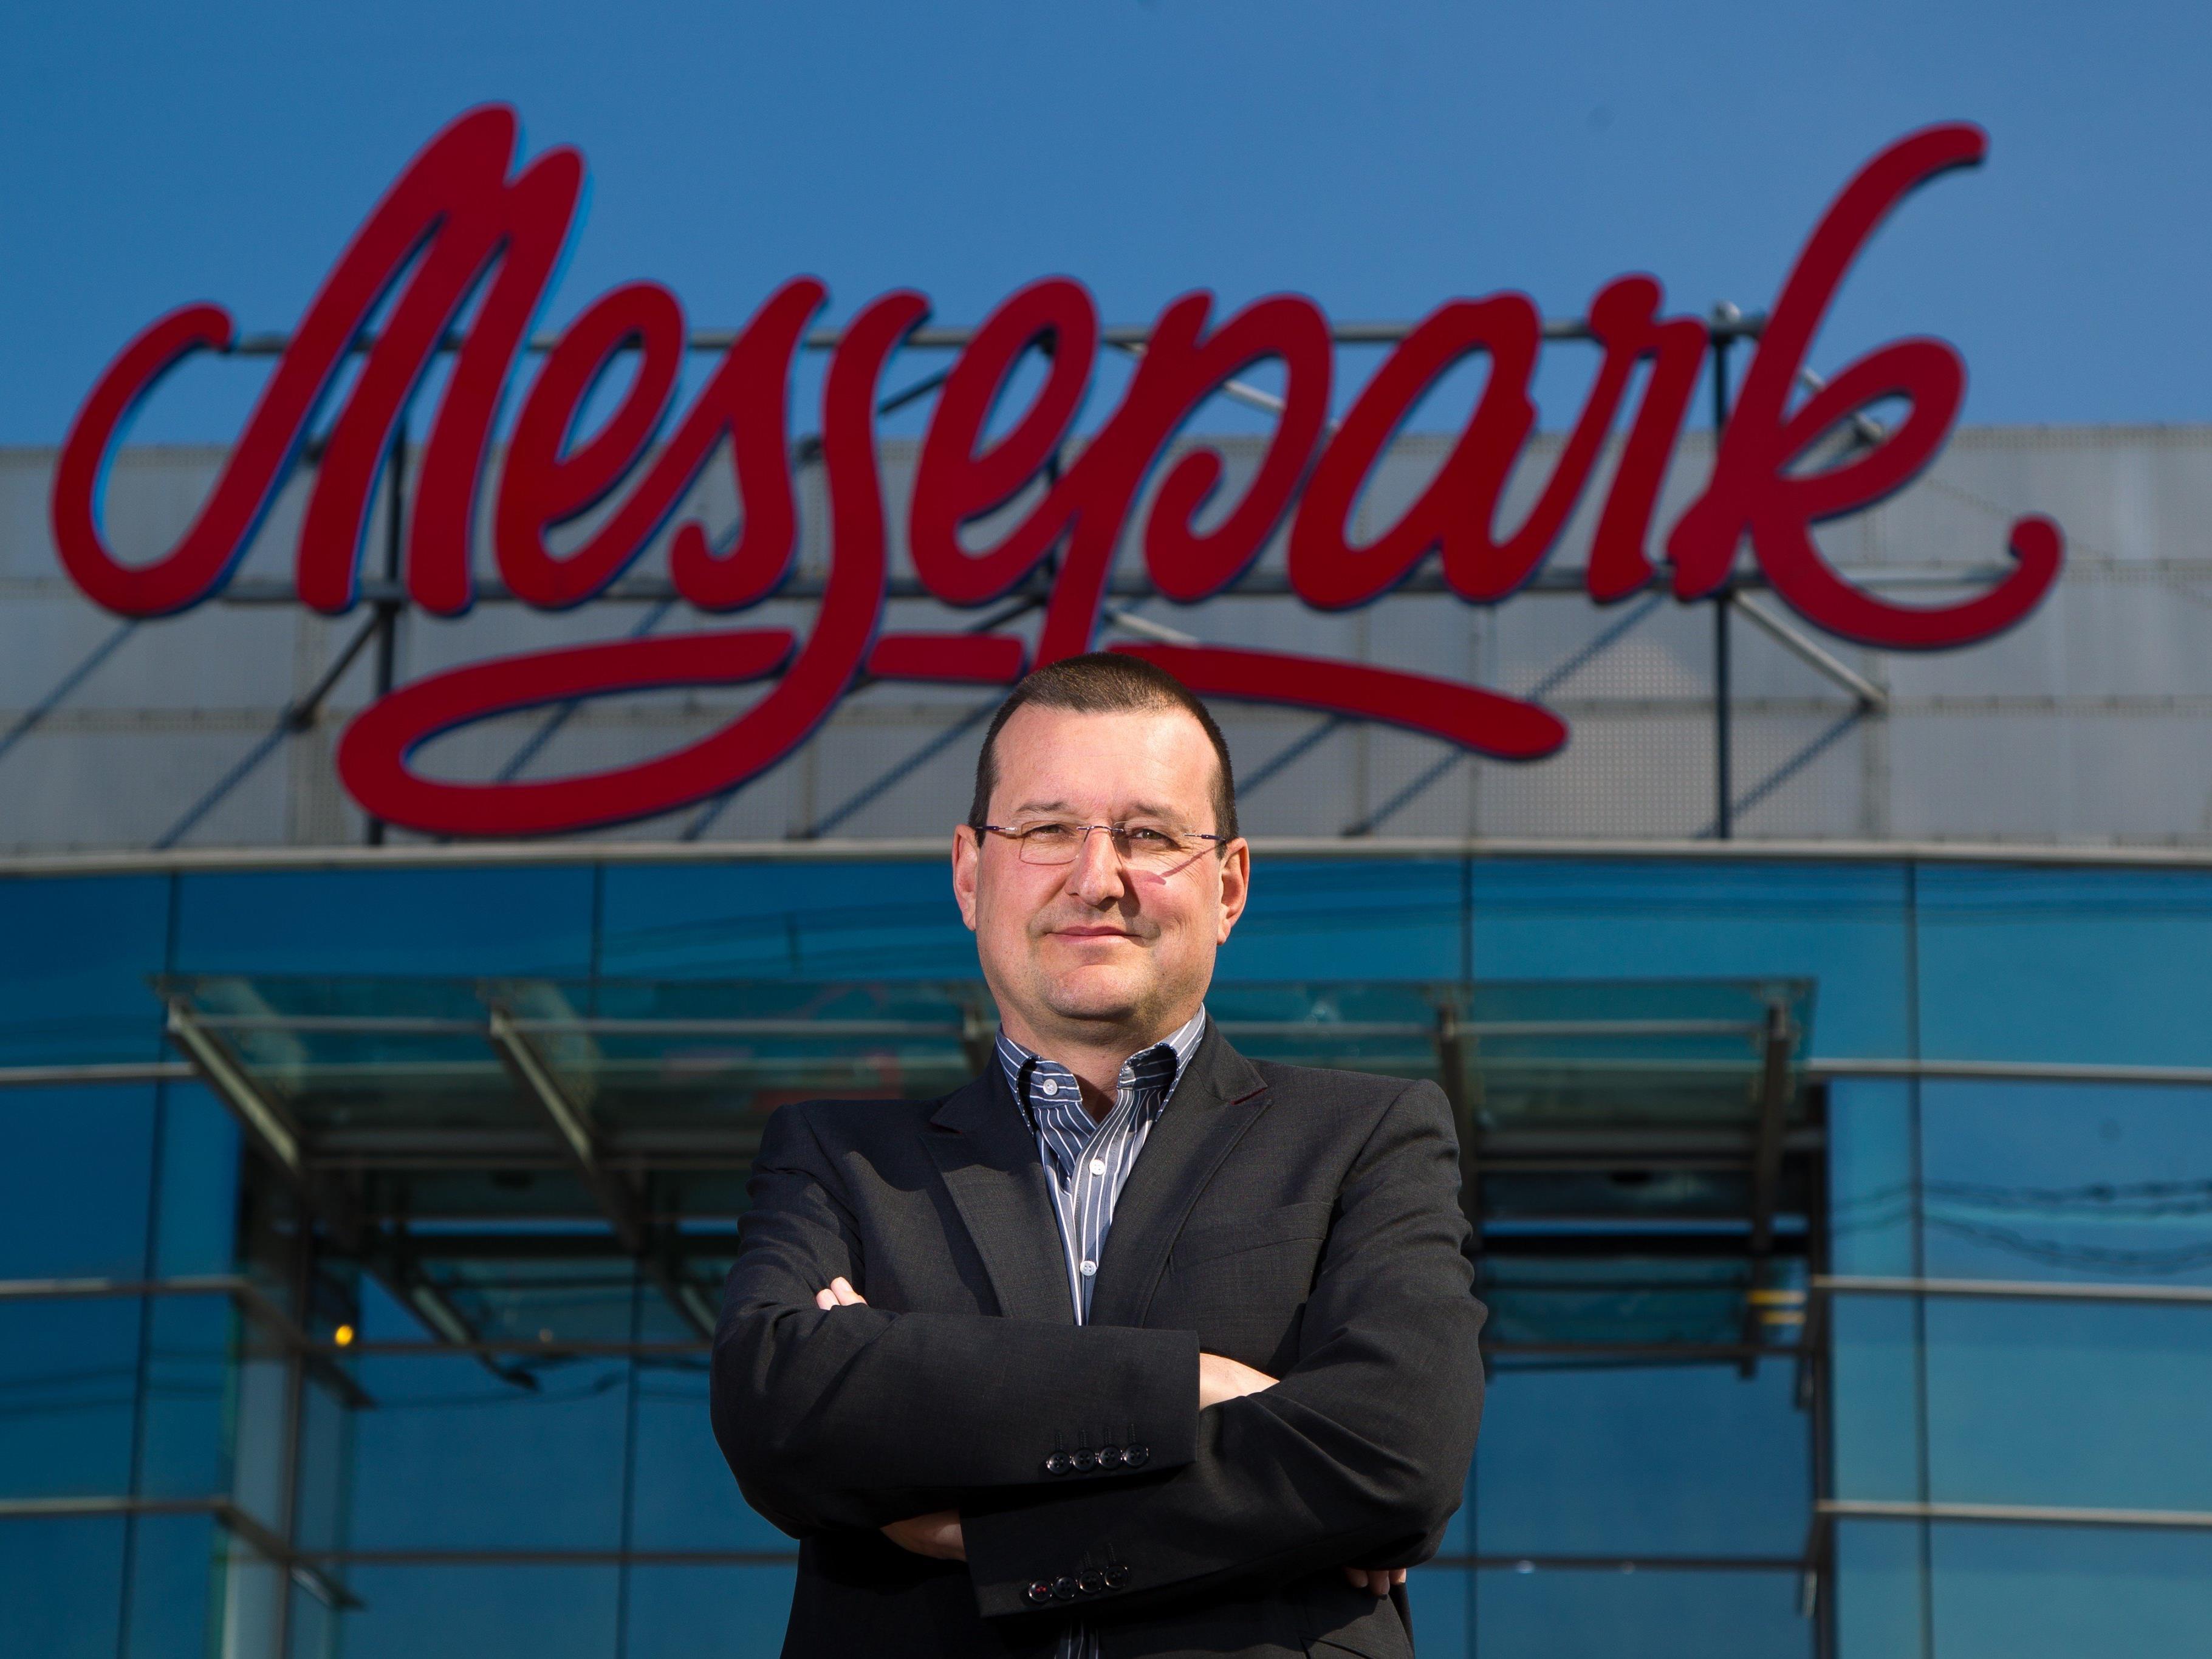 Messepark-Geschäftsführer Burkhard Dünser hat gut lachen.